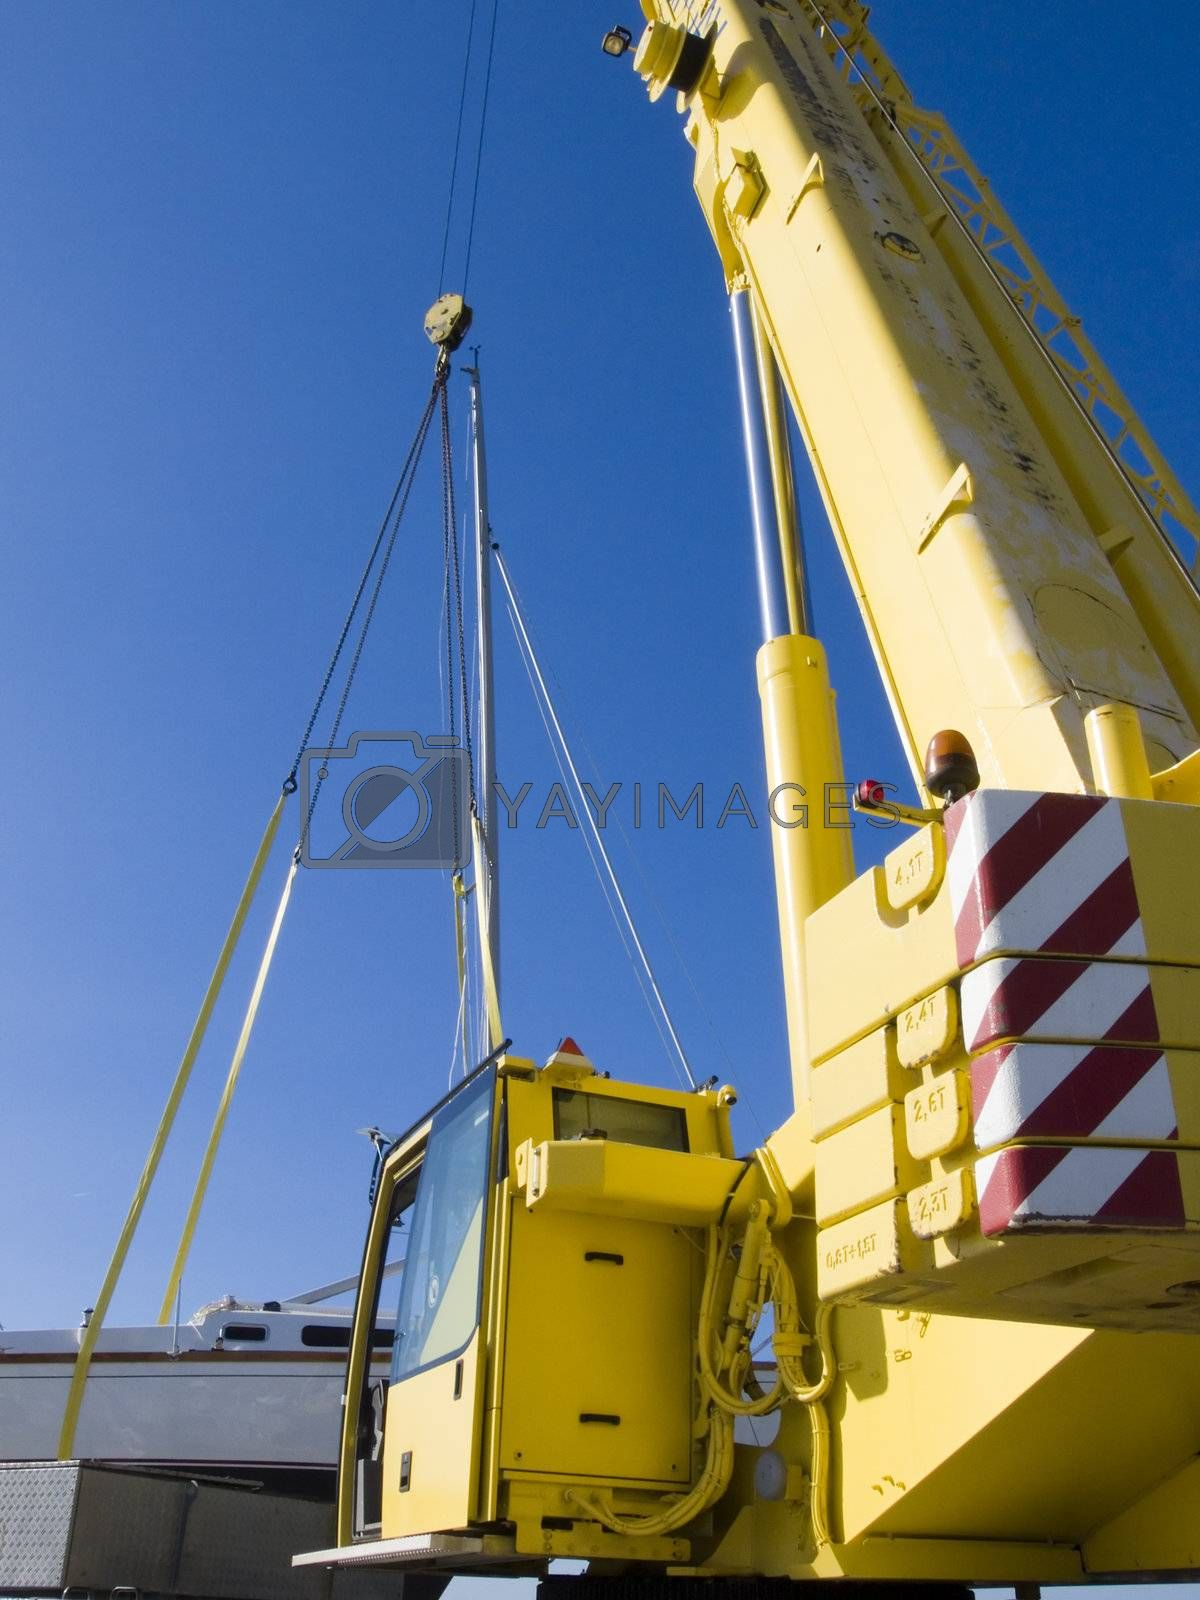 Autocrane unload a ship by PauloResende